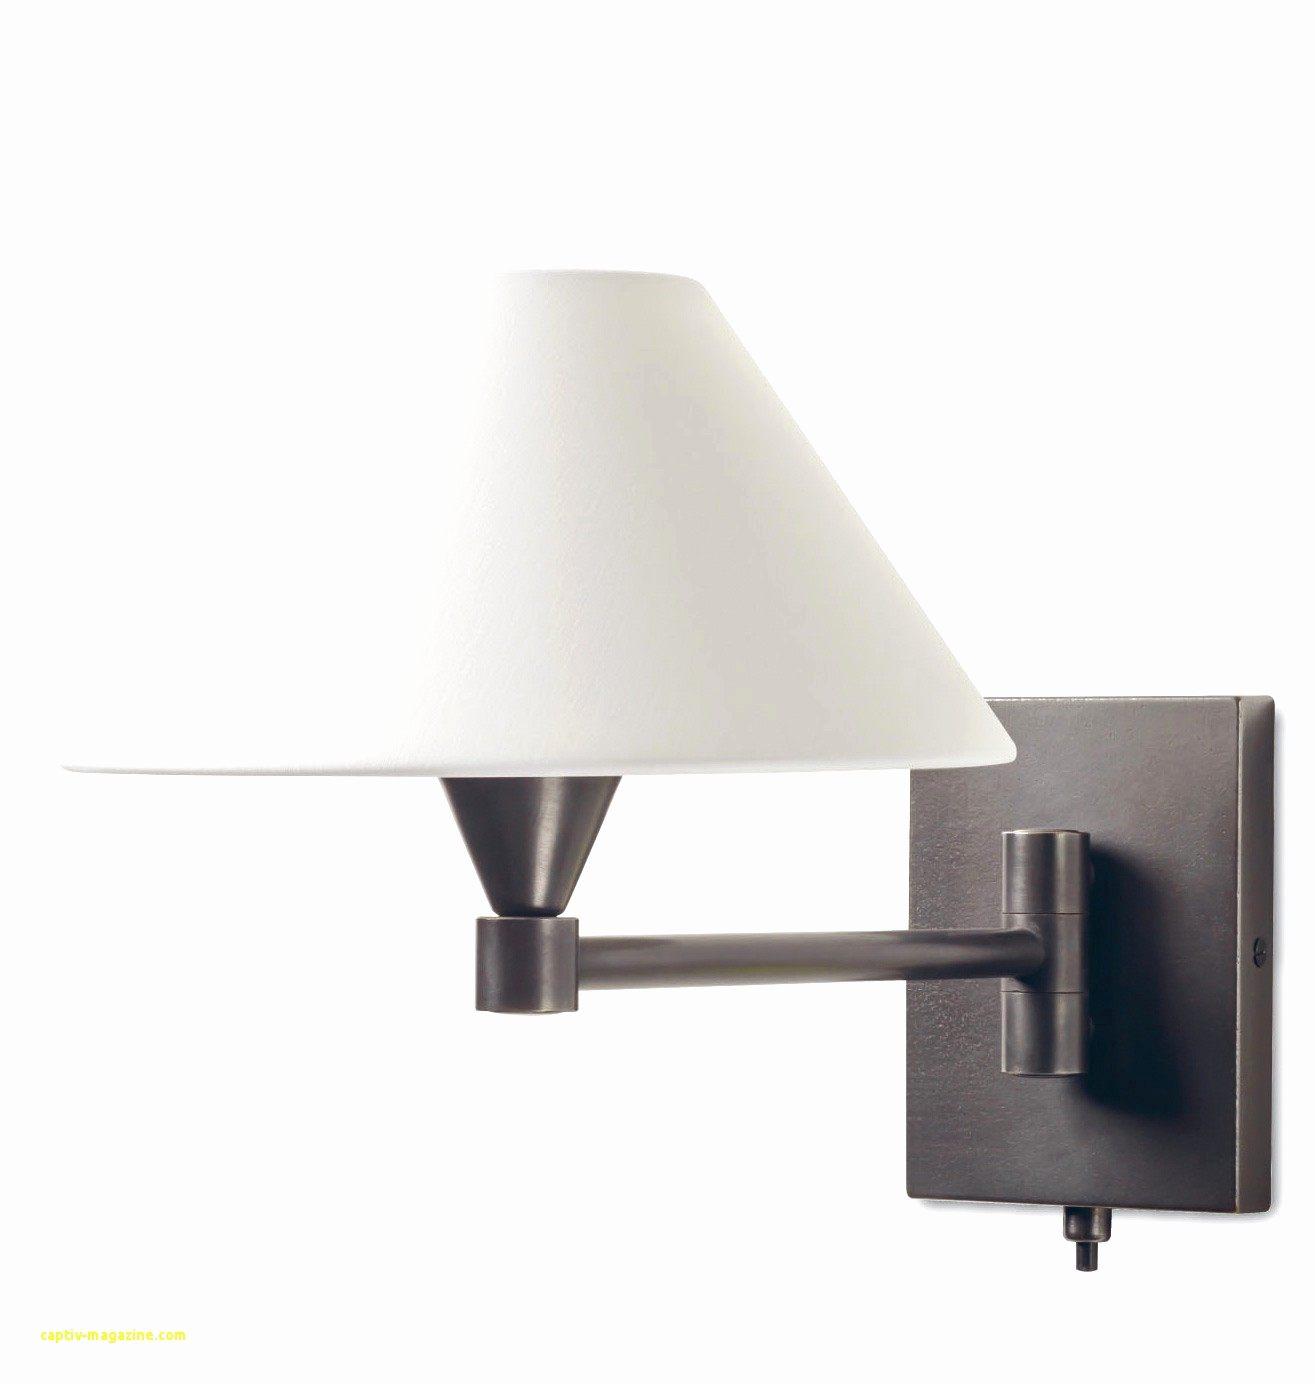 Tete De Lit Contemporaine Design Charmant Tete De Lit Contemporaine Design Génial Lit Moderne En Bois Le